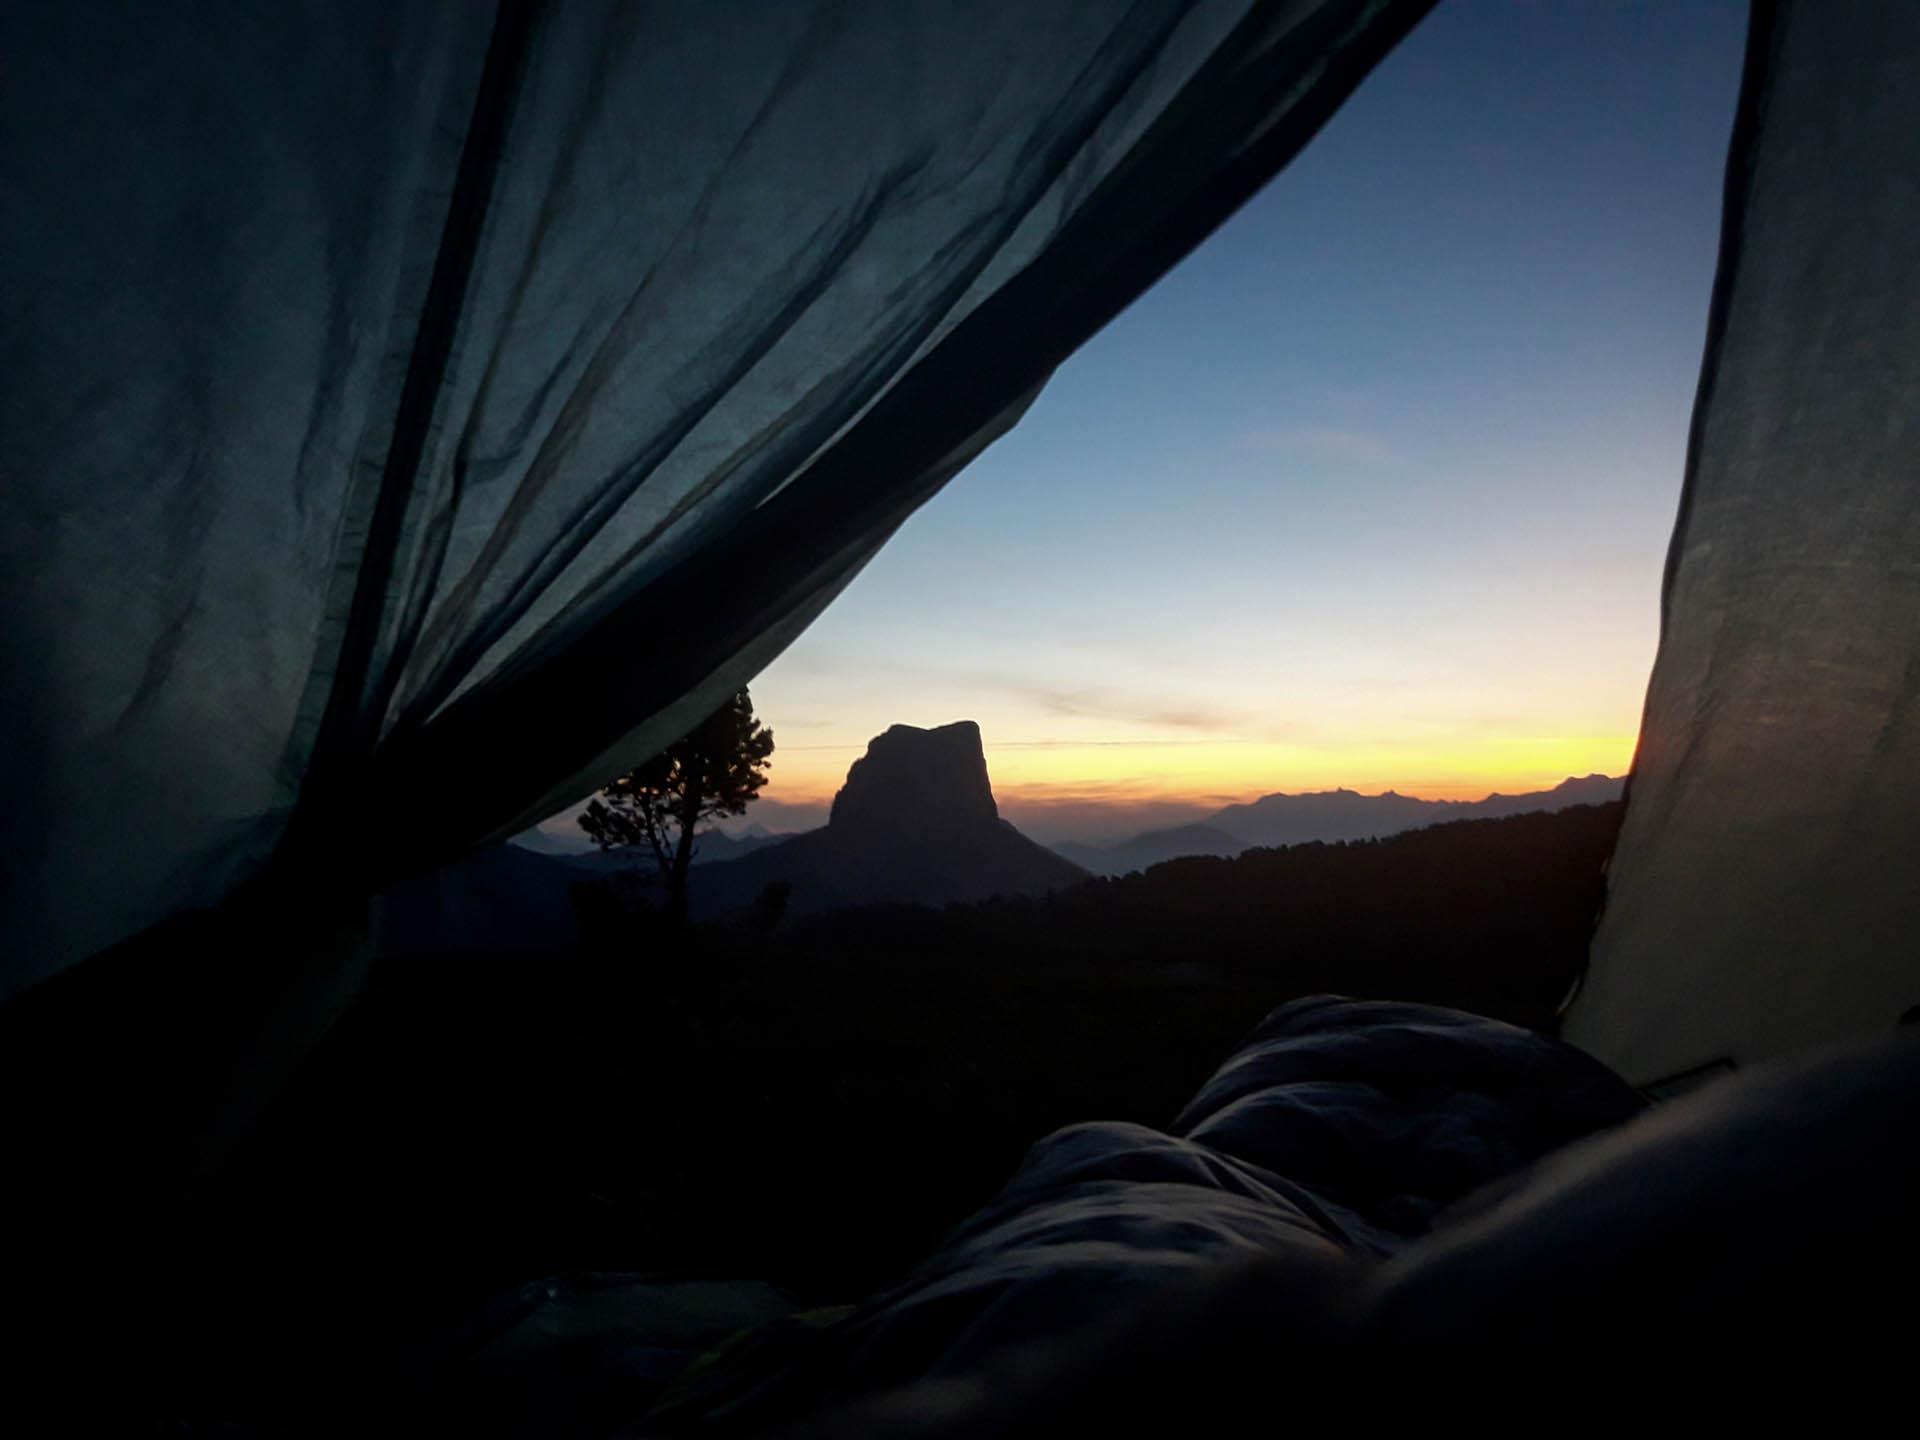 Slow Rando Sejour Liberte Decouverte Bivouac Hauts Plateaux Vercors Mont Aiguille Lever Soleil